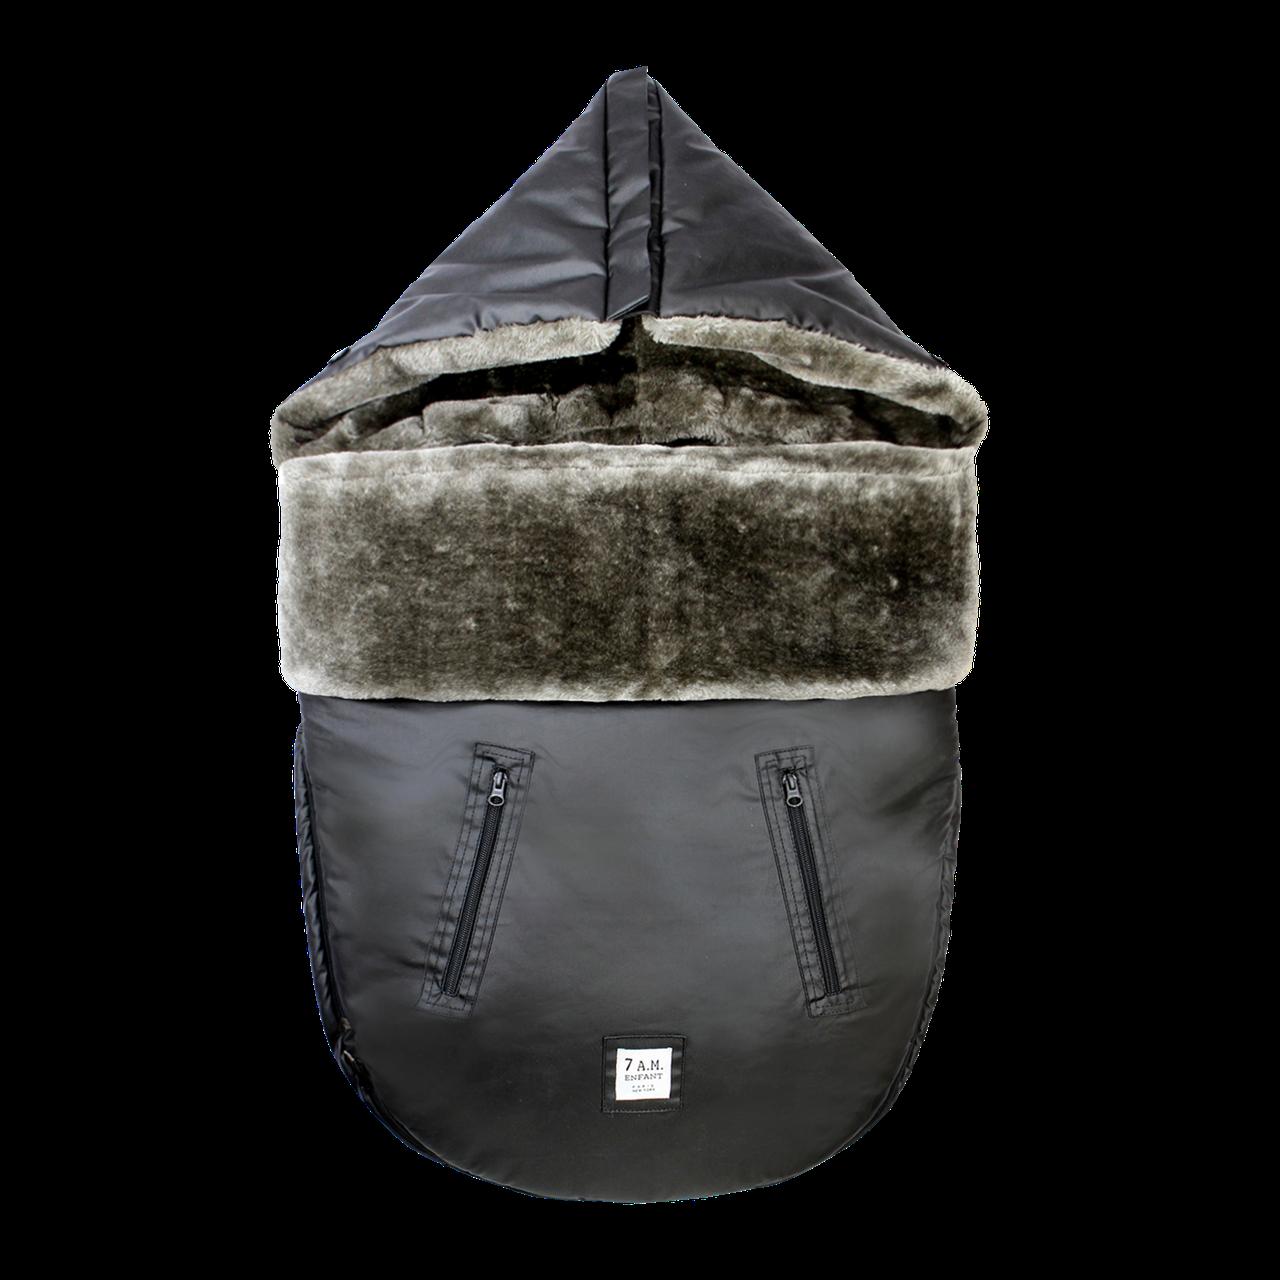 7AM - Универсальный зимний конверт WaxedPOD M/L, цвет Waxed Forest